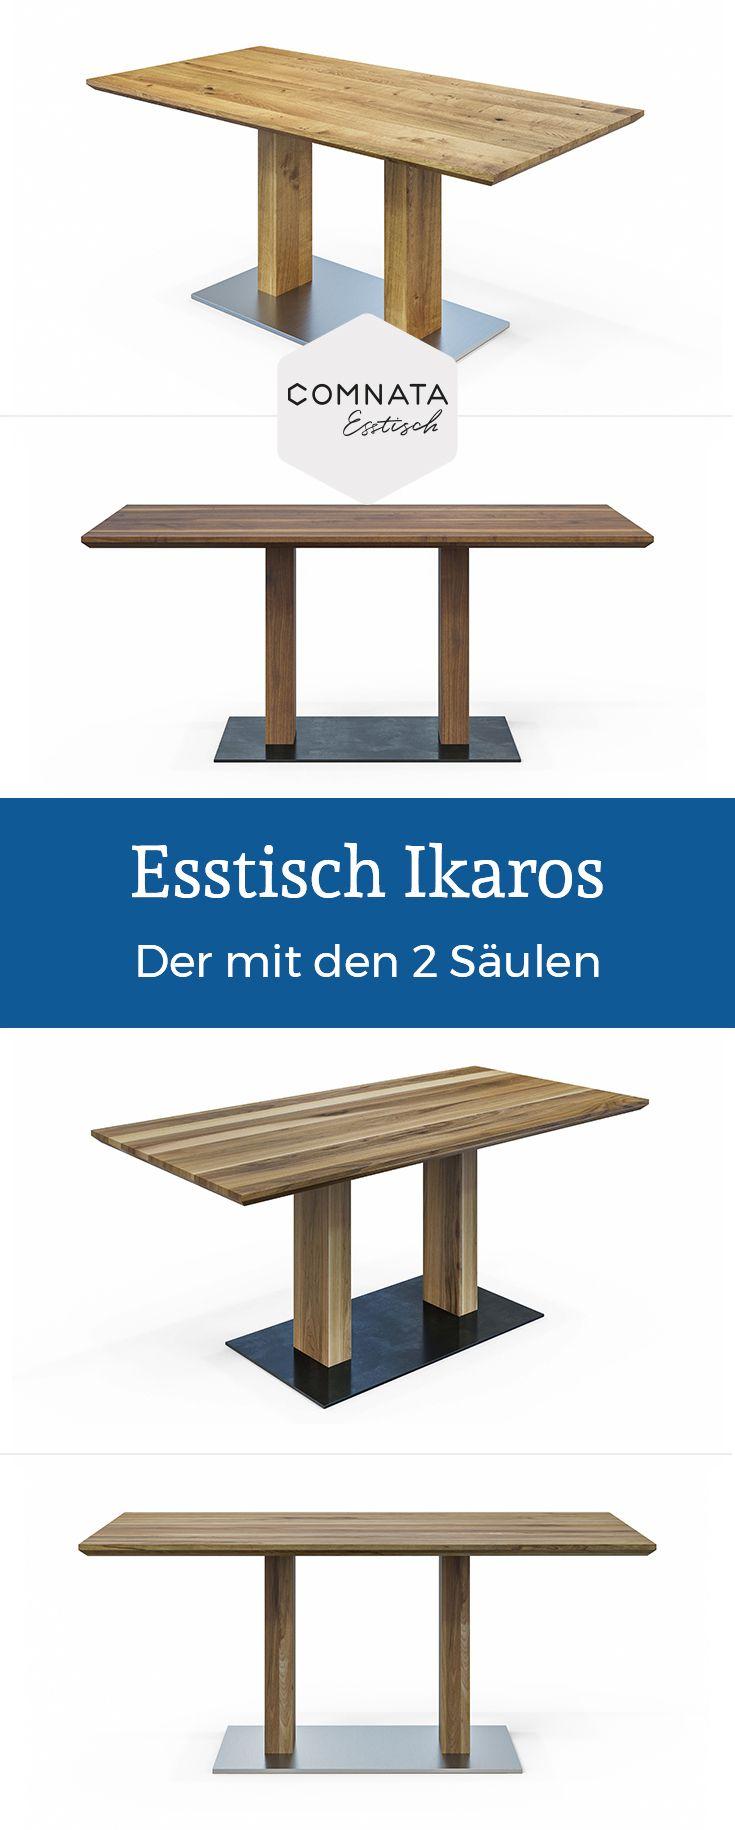 Esstisch Ikaros aus Massivholz   COMNATA Esstisch Finden sie weitere ...